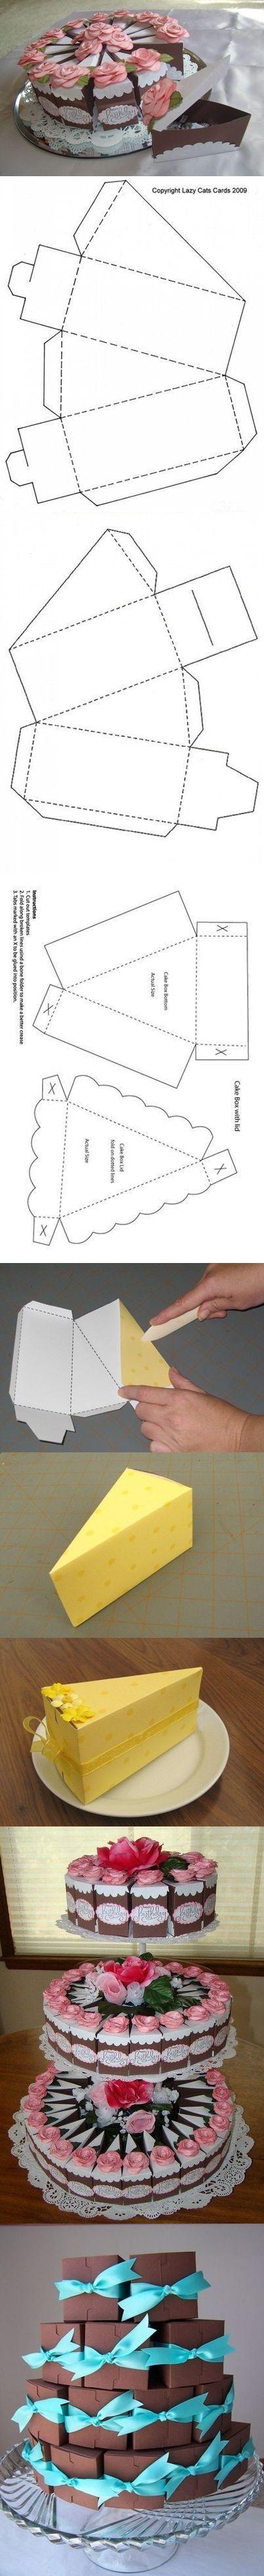 ホールケーキ型のギフトボックス : 【How to Make】自分で作るギフトボックス&ラッピング:海外のレシピ - NAVER まとめ